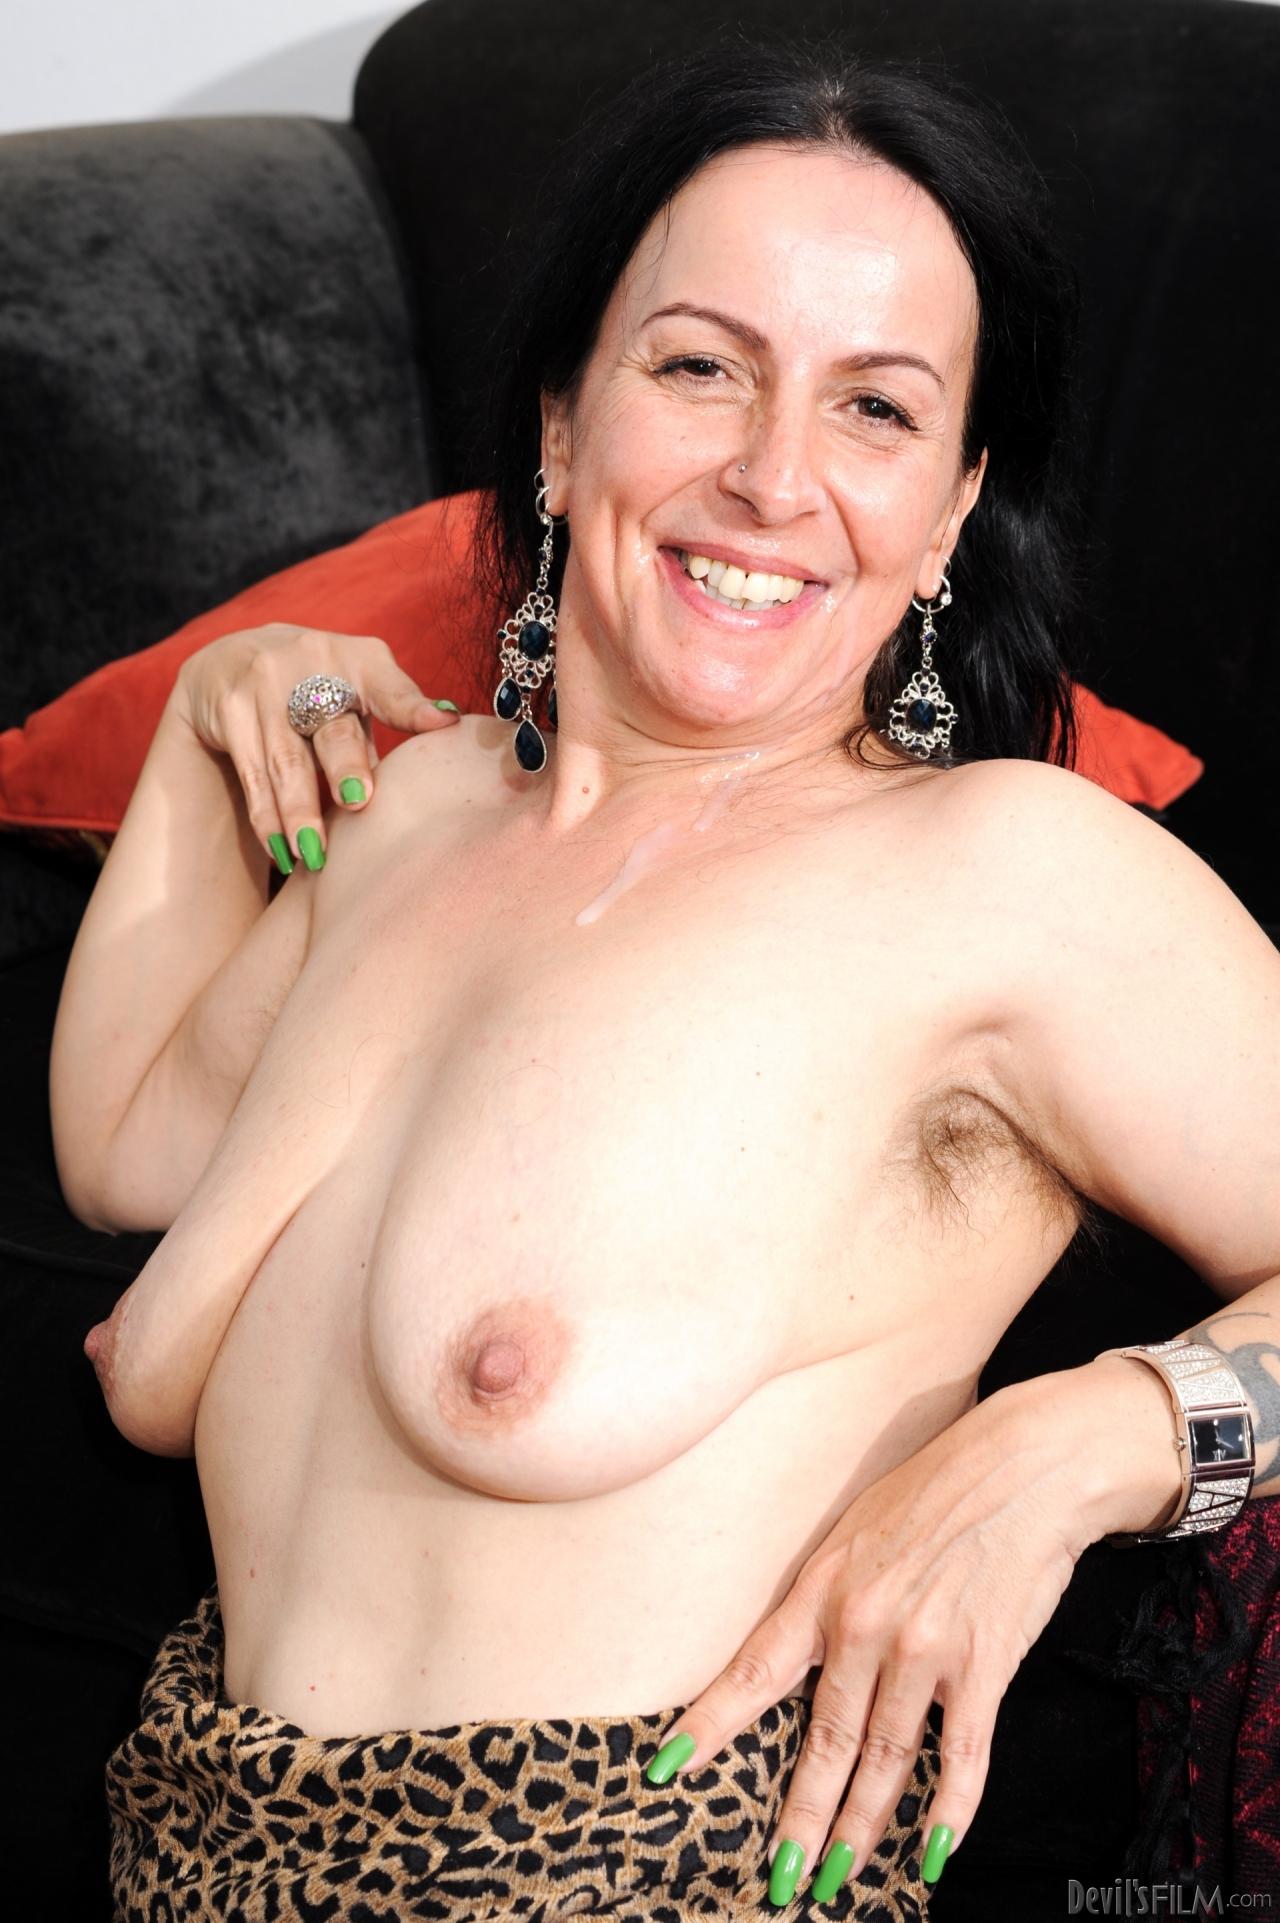 naked hollywood actress hd